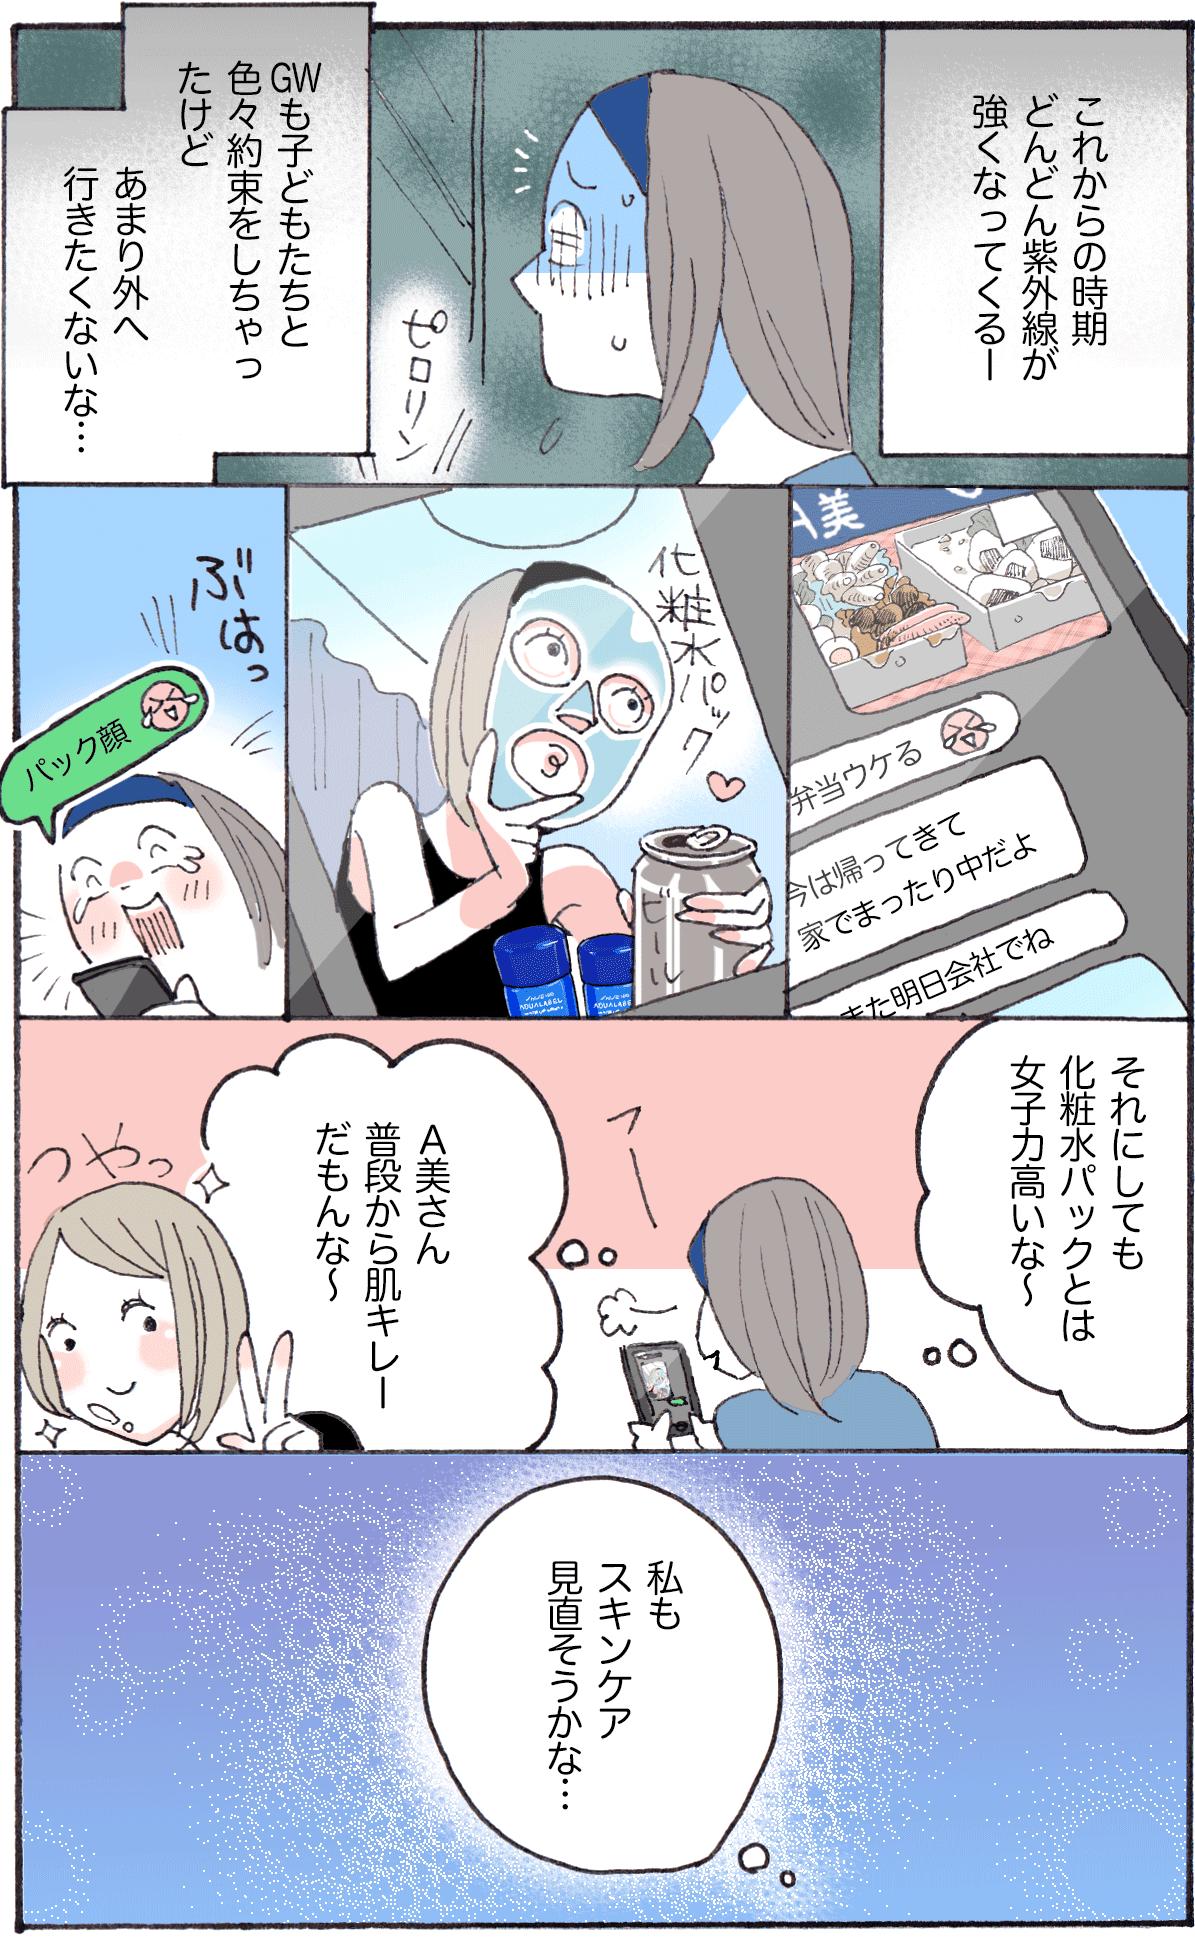 17_04_mamastar_Mstory04